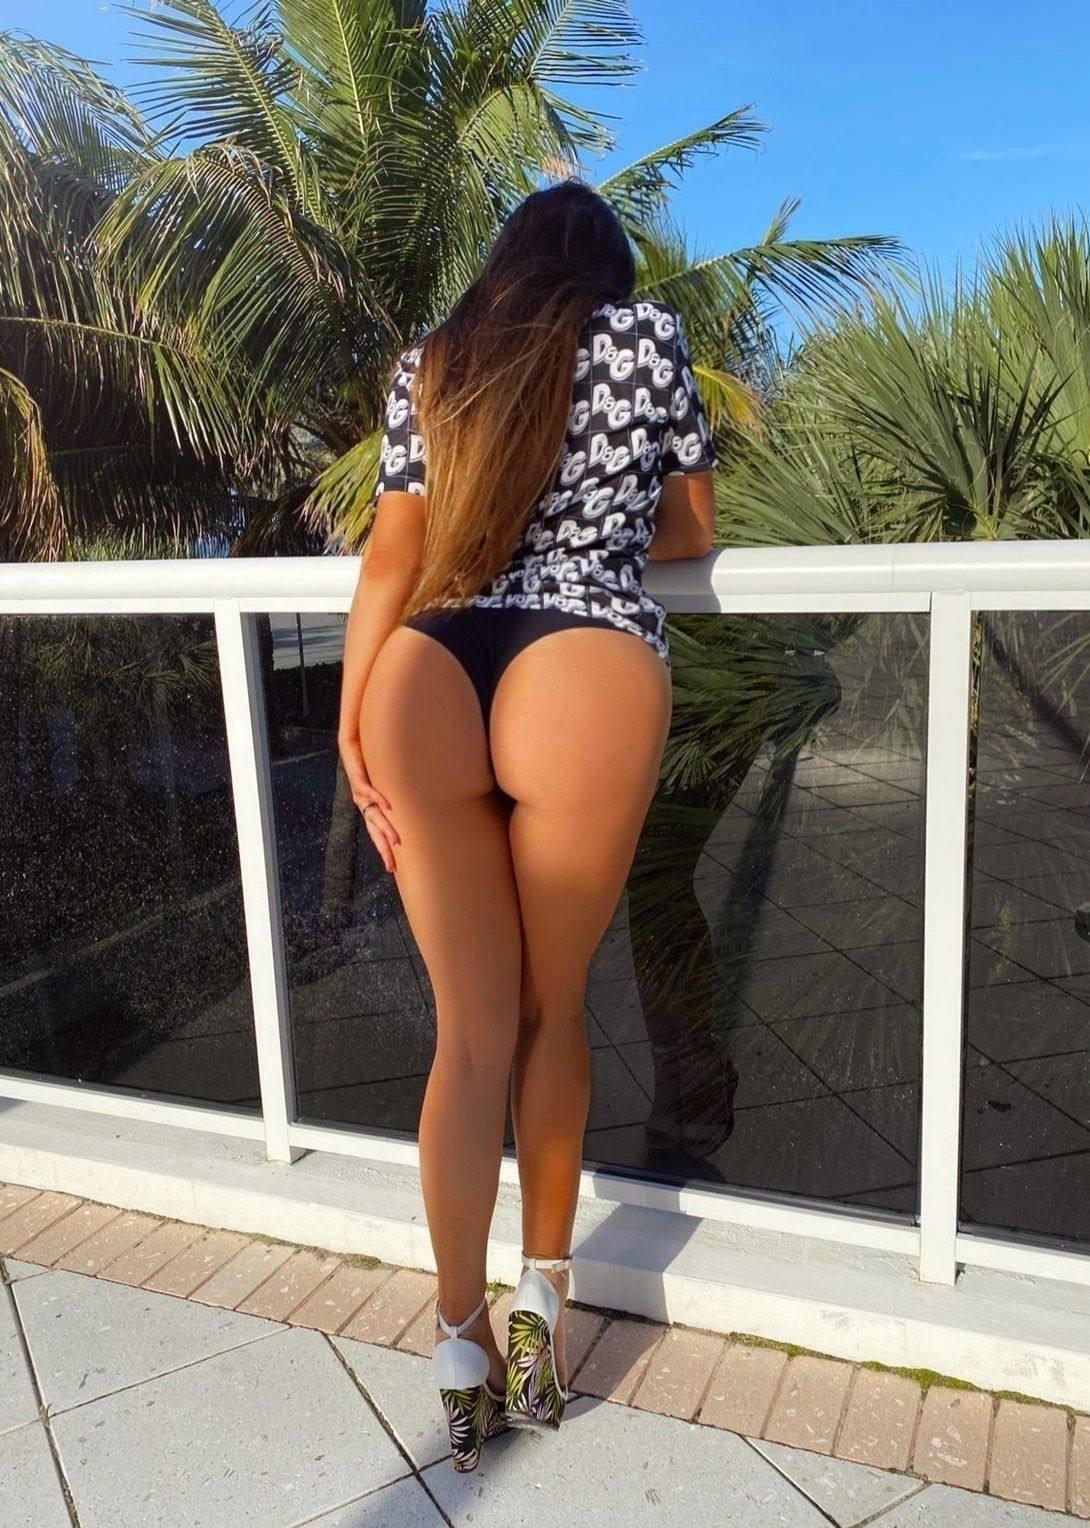 Claudia Romani – Sexy Body In Tiny Black Bikini 0006